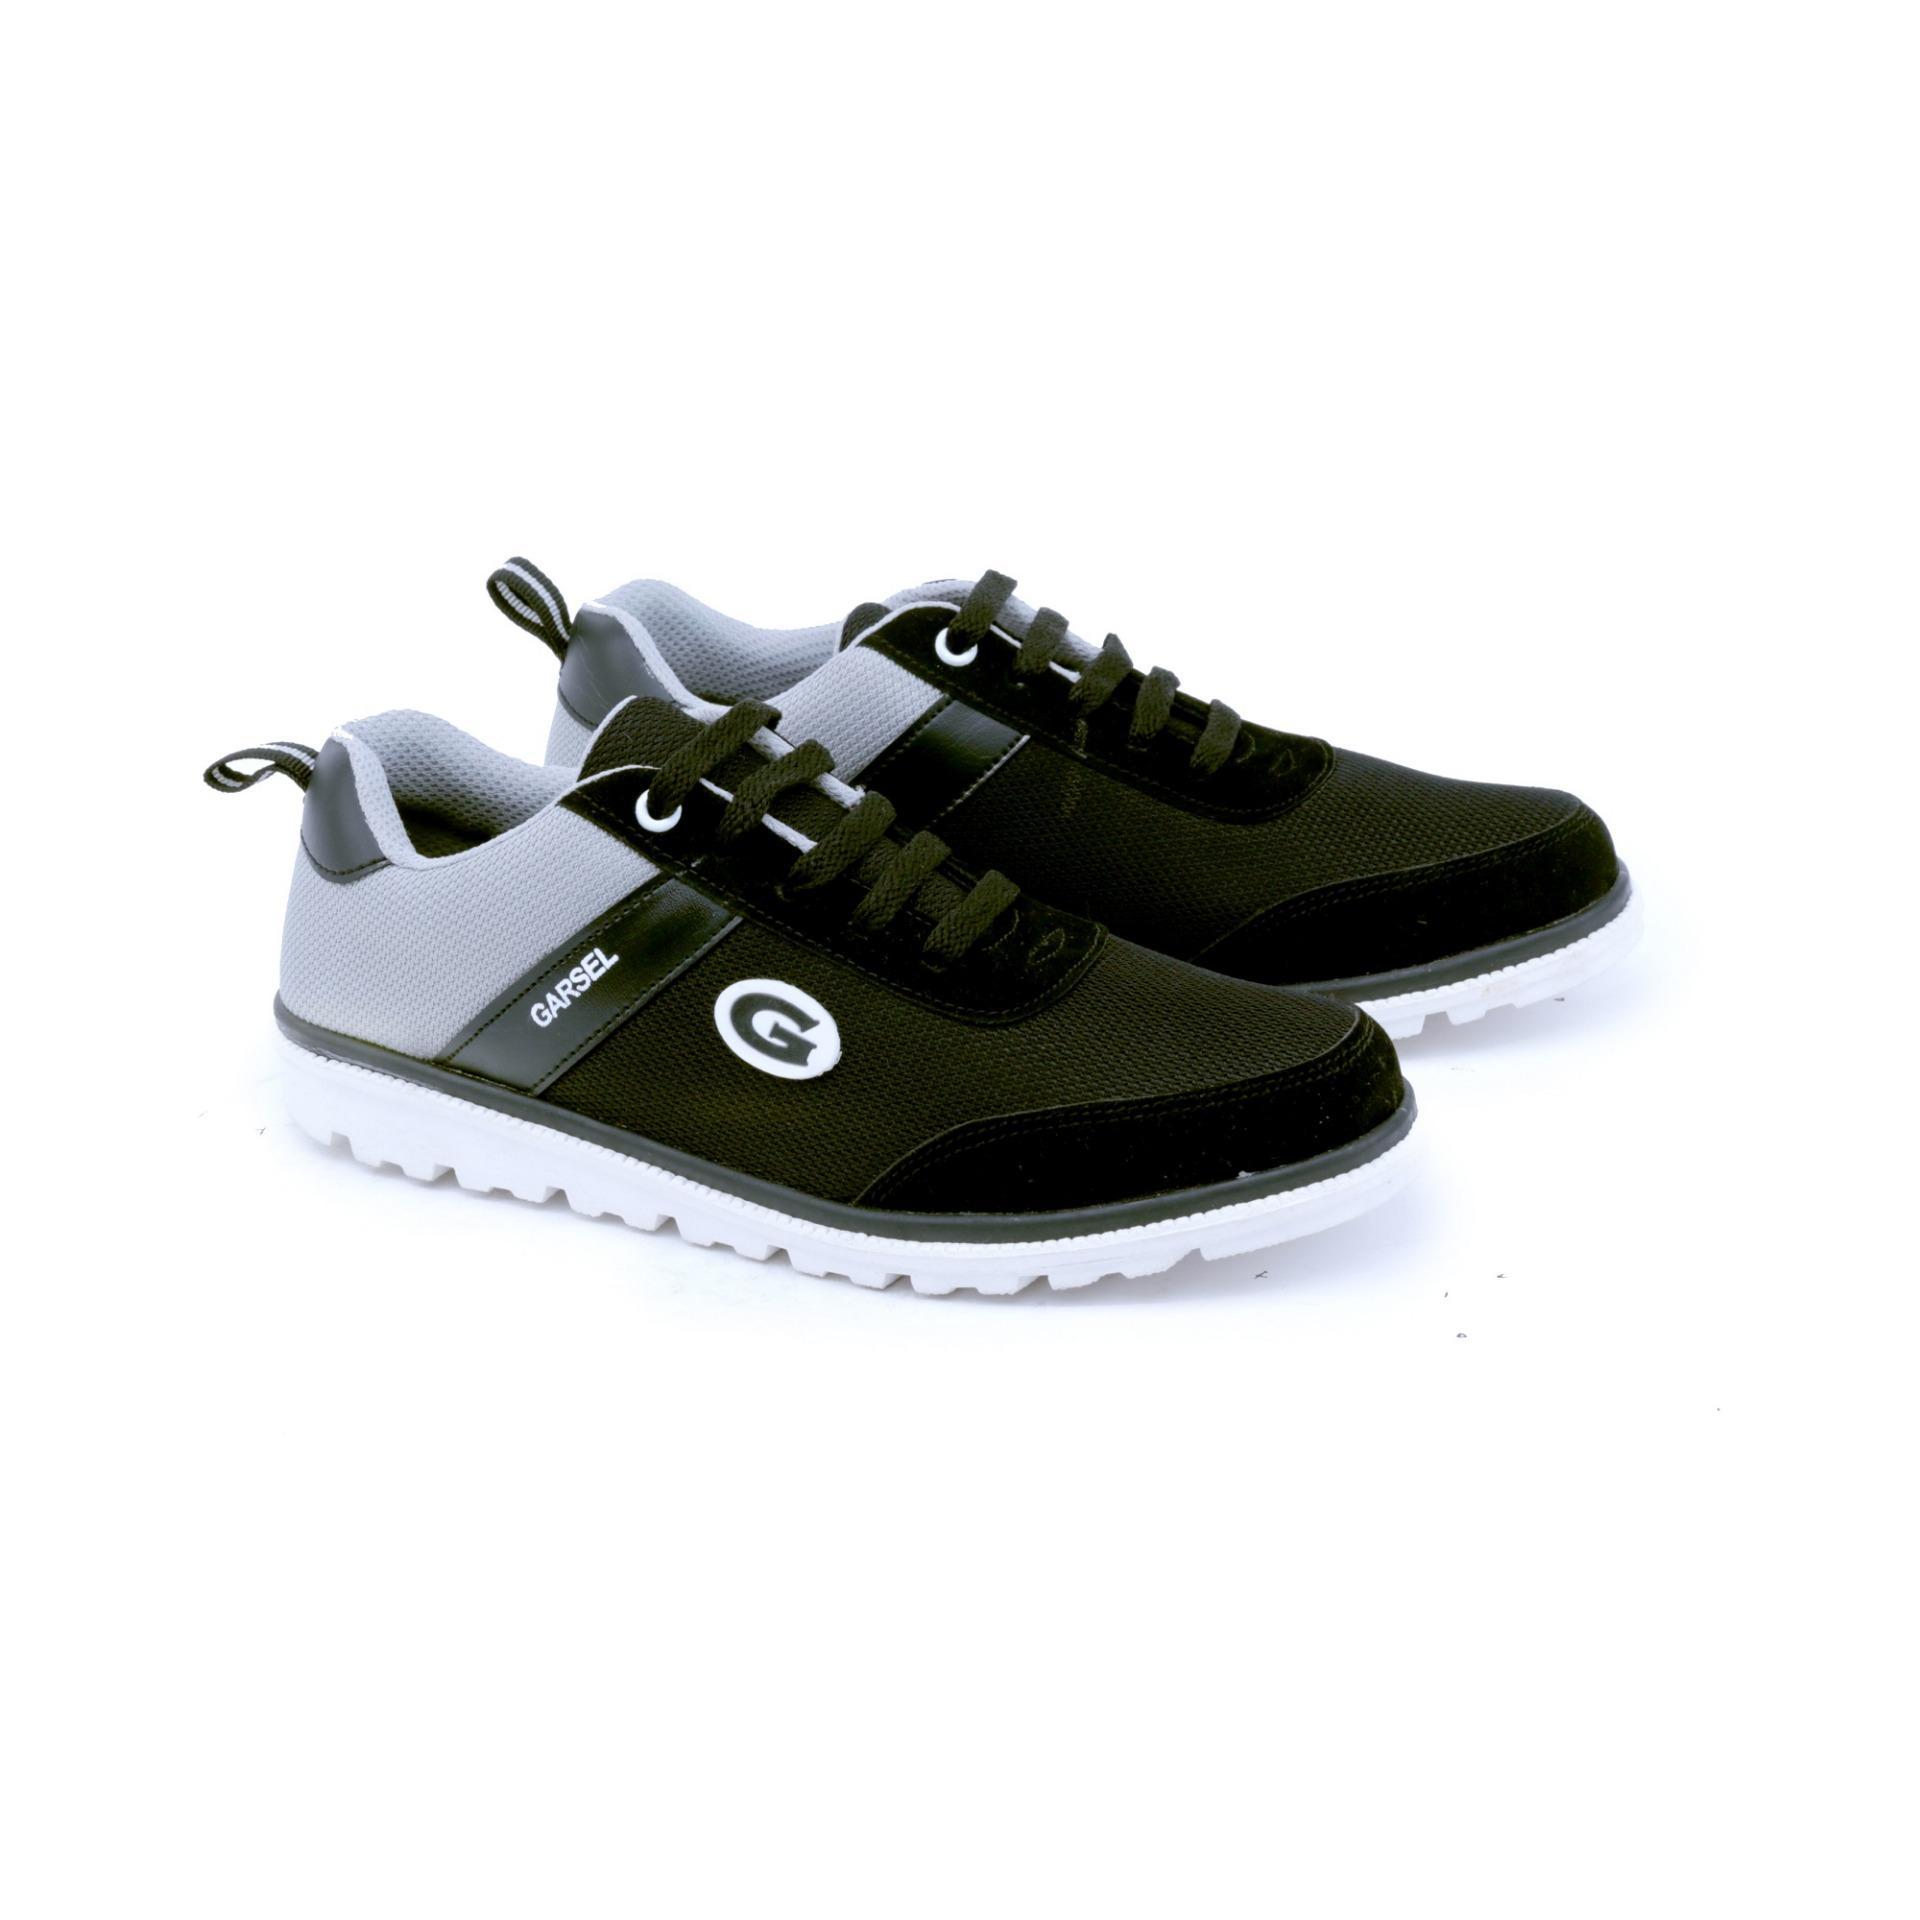 Garsel Sepatu Olahraga Wanita - bahan Sintetis-Mesh - sol Tpr murah dan berkualitas (